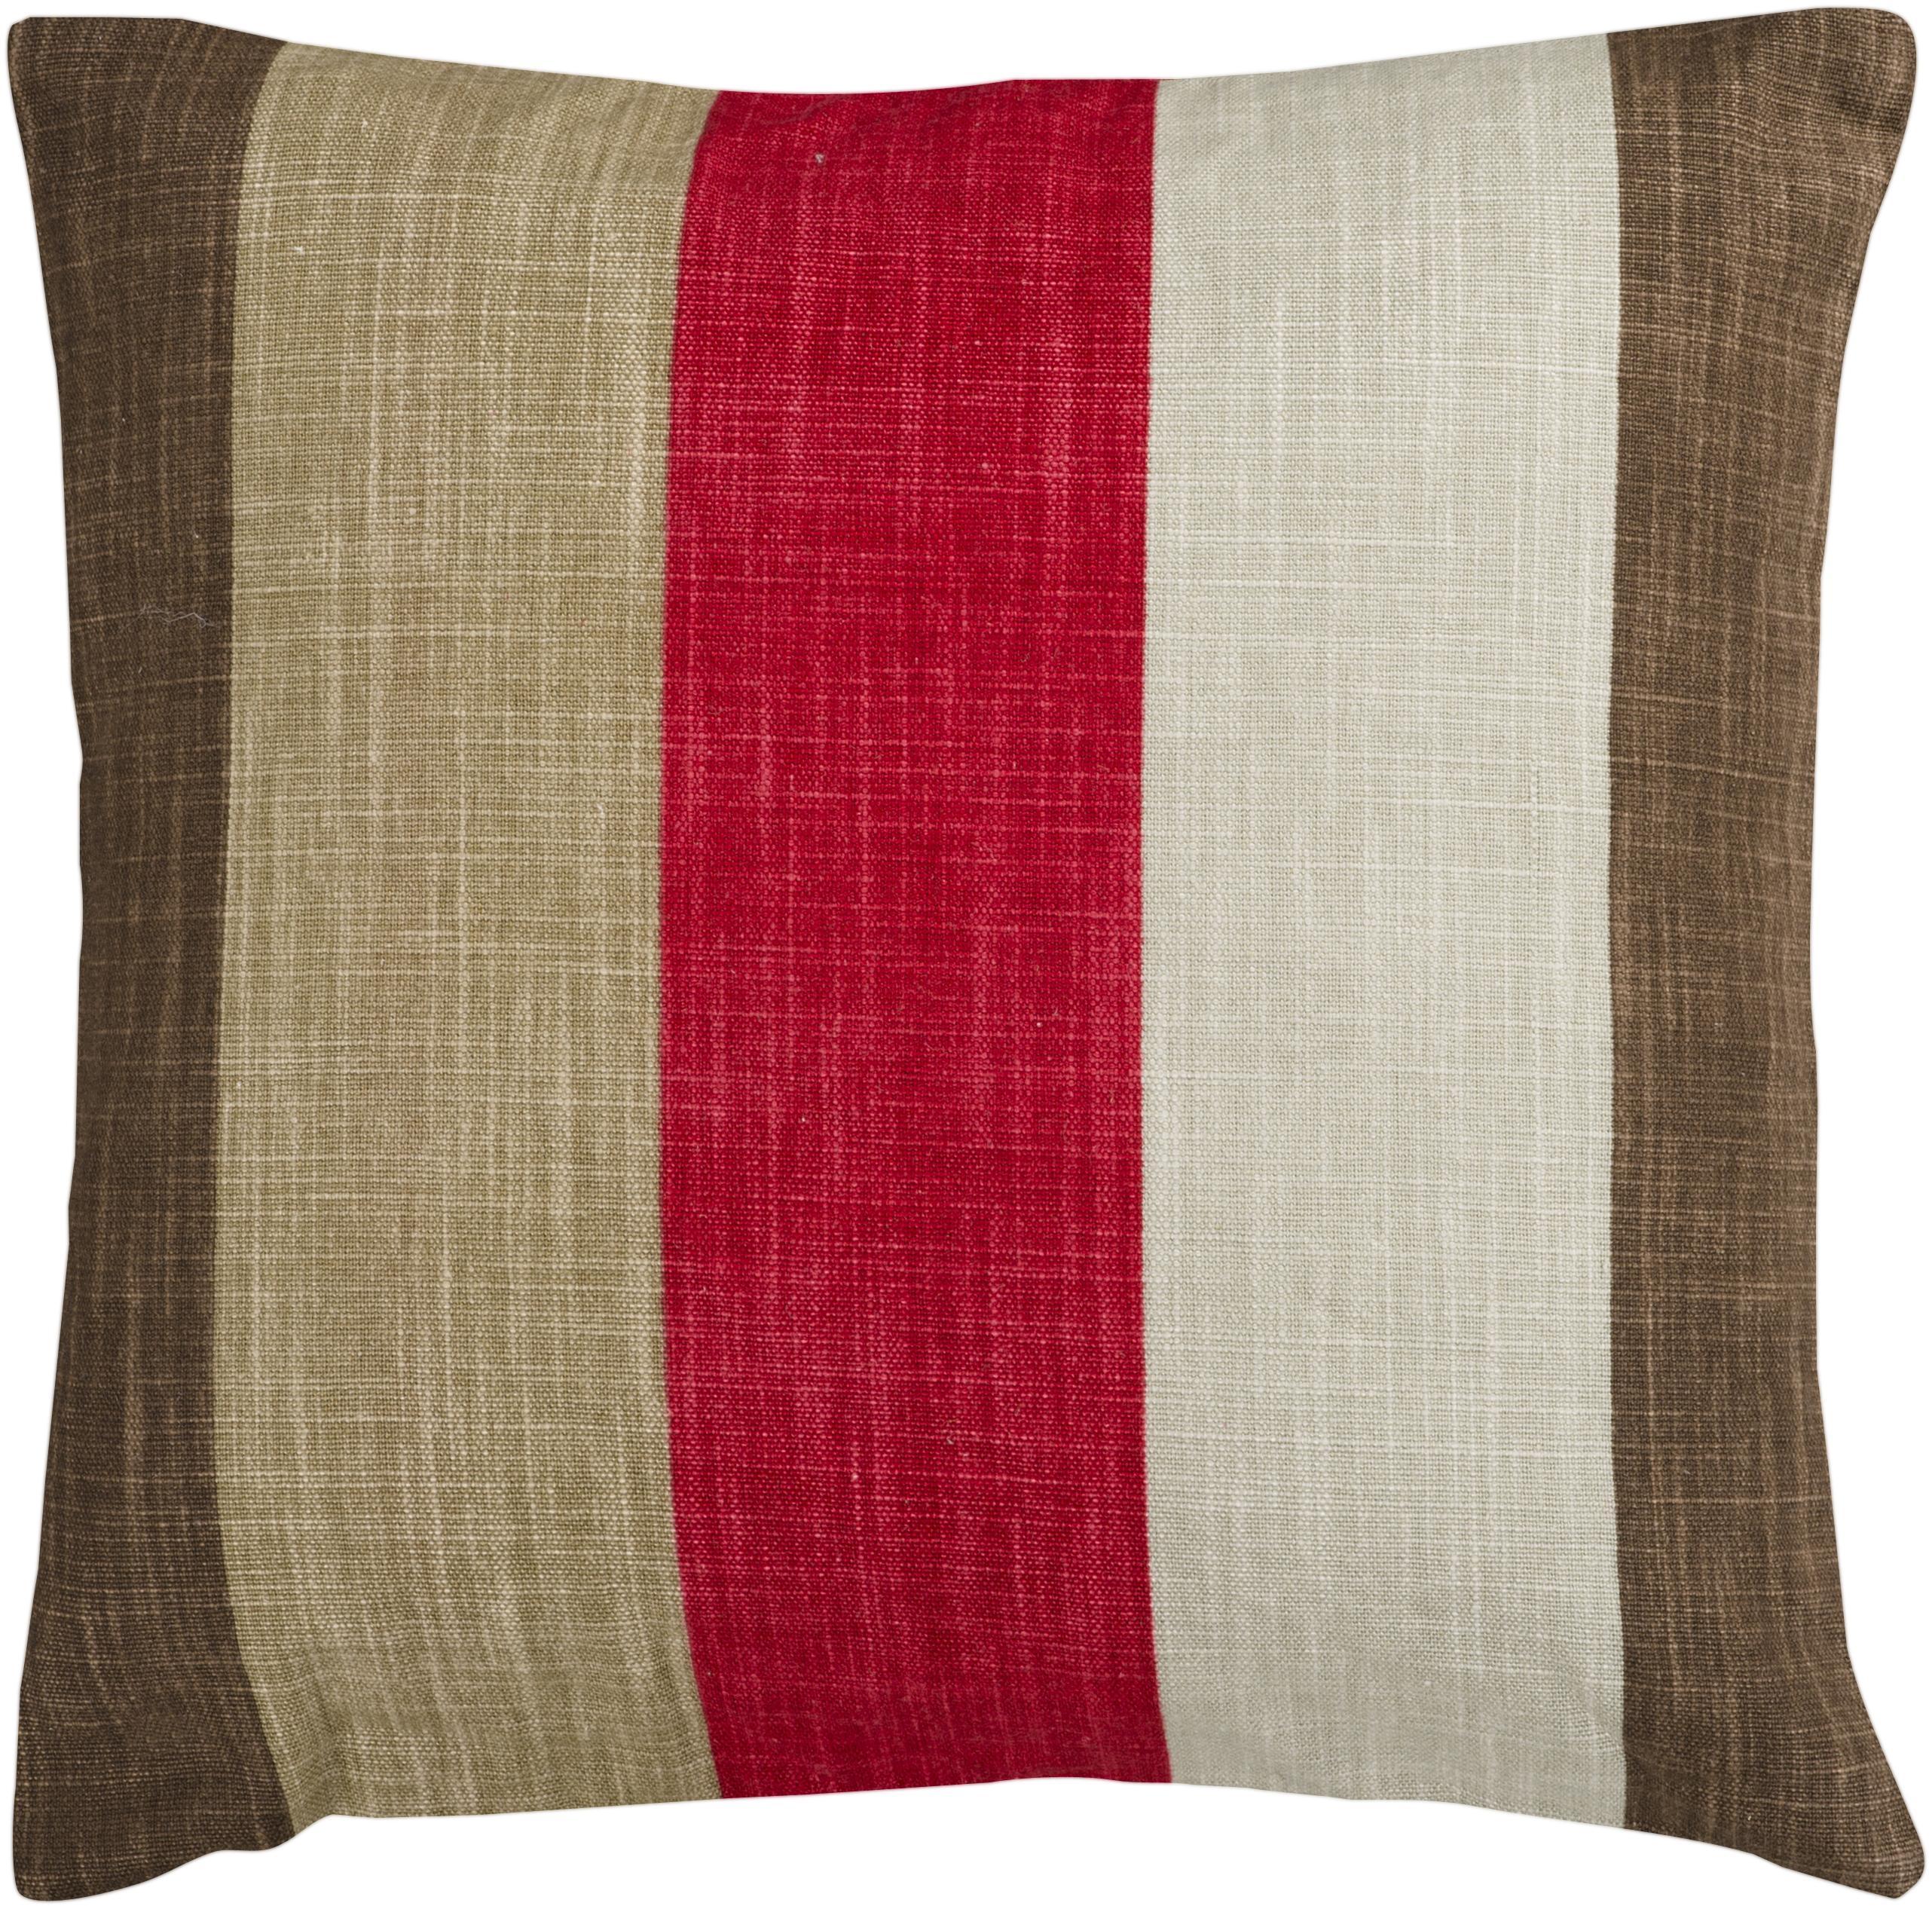 """Surya Rugs Pillows 18"""" x 18"""" Pillow - Item Number: JS012-1818P"""